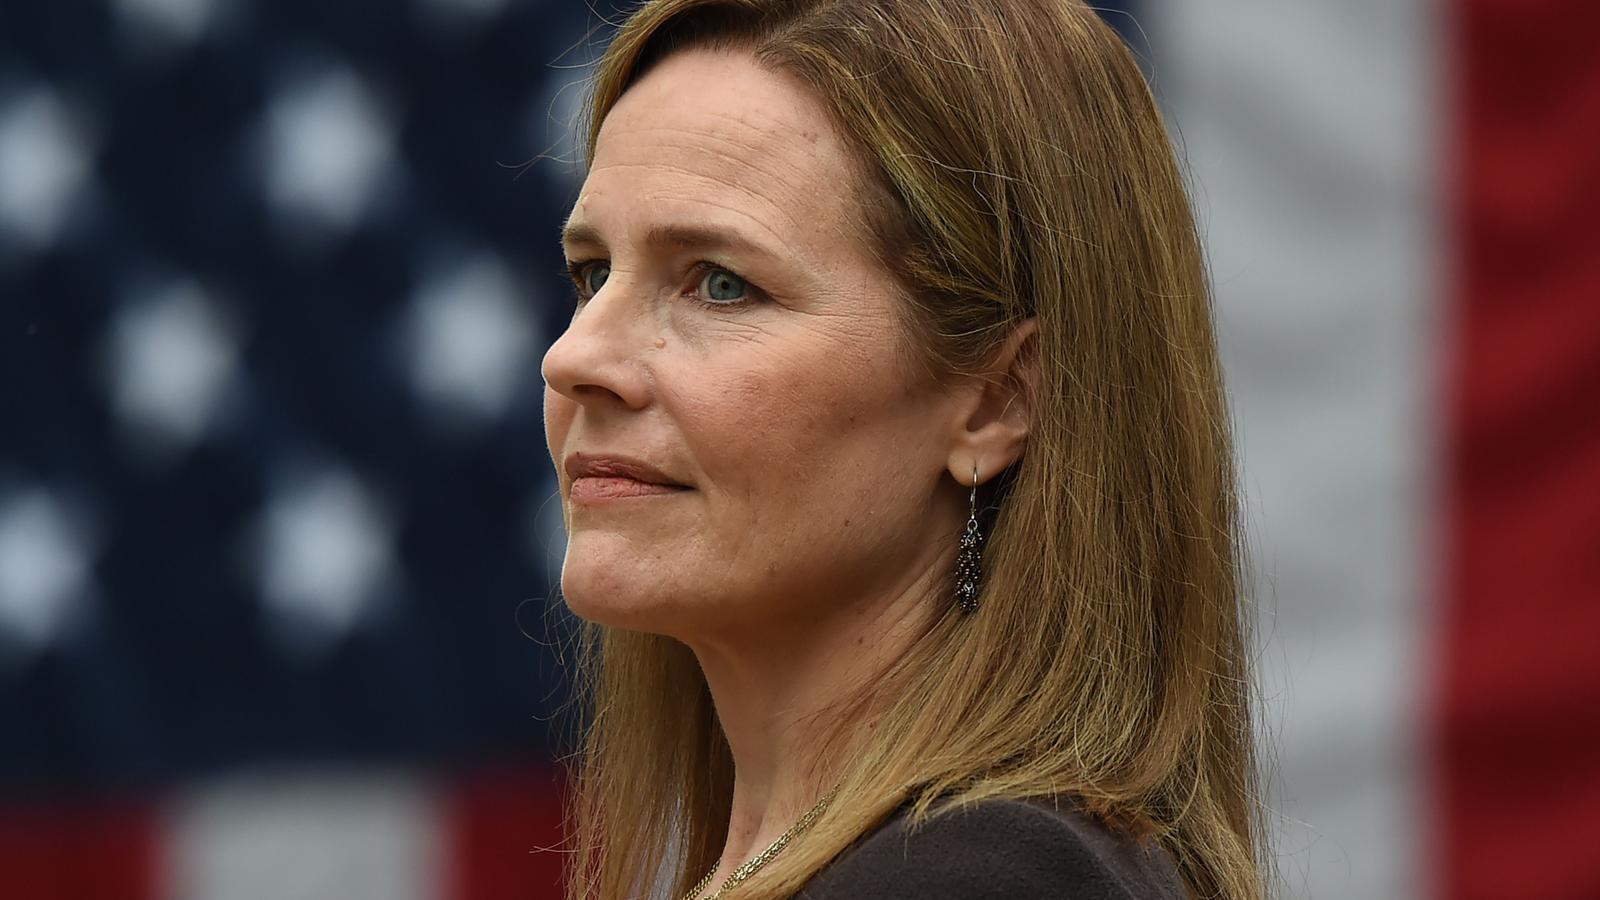 Amy Coney Barrett serà confirmada aquesta matinada com a nova jutge del Tribunal Suprem dels Estats Units